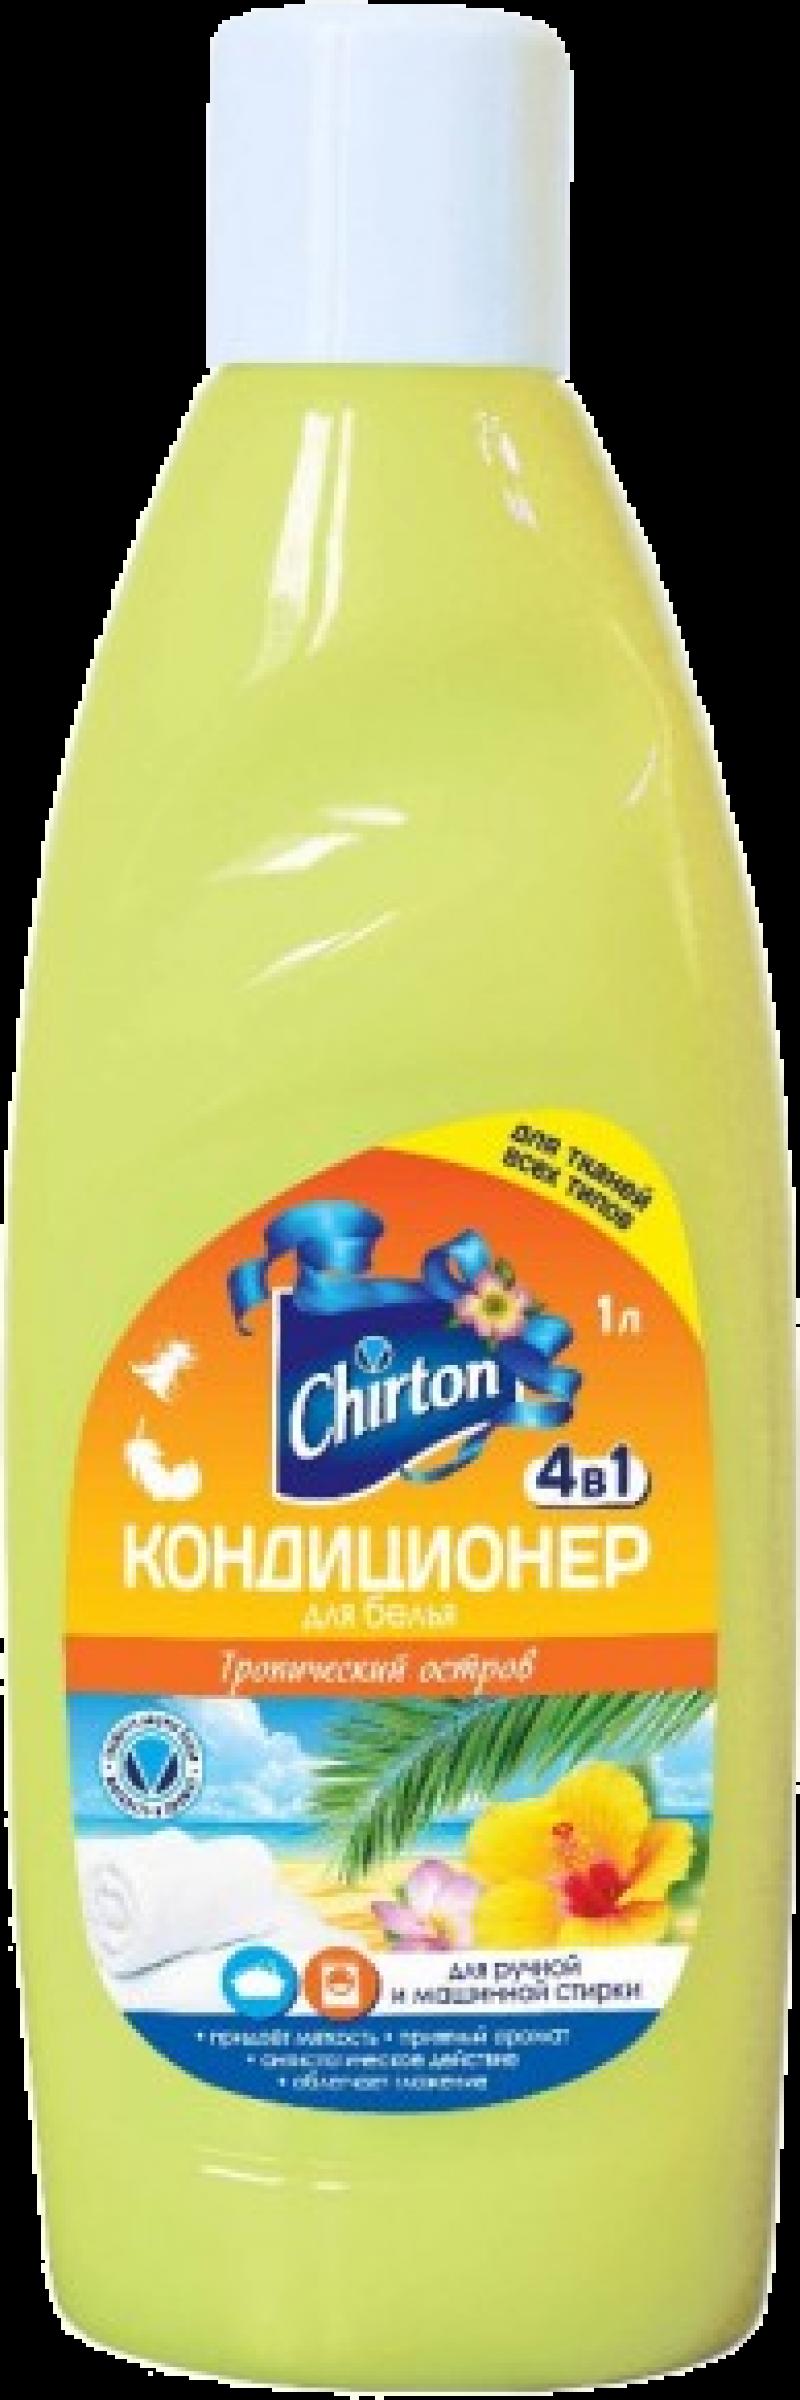 Кондиционер ТМ Chirton Тропический остров 1л